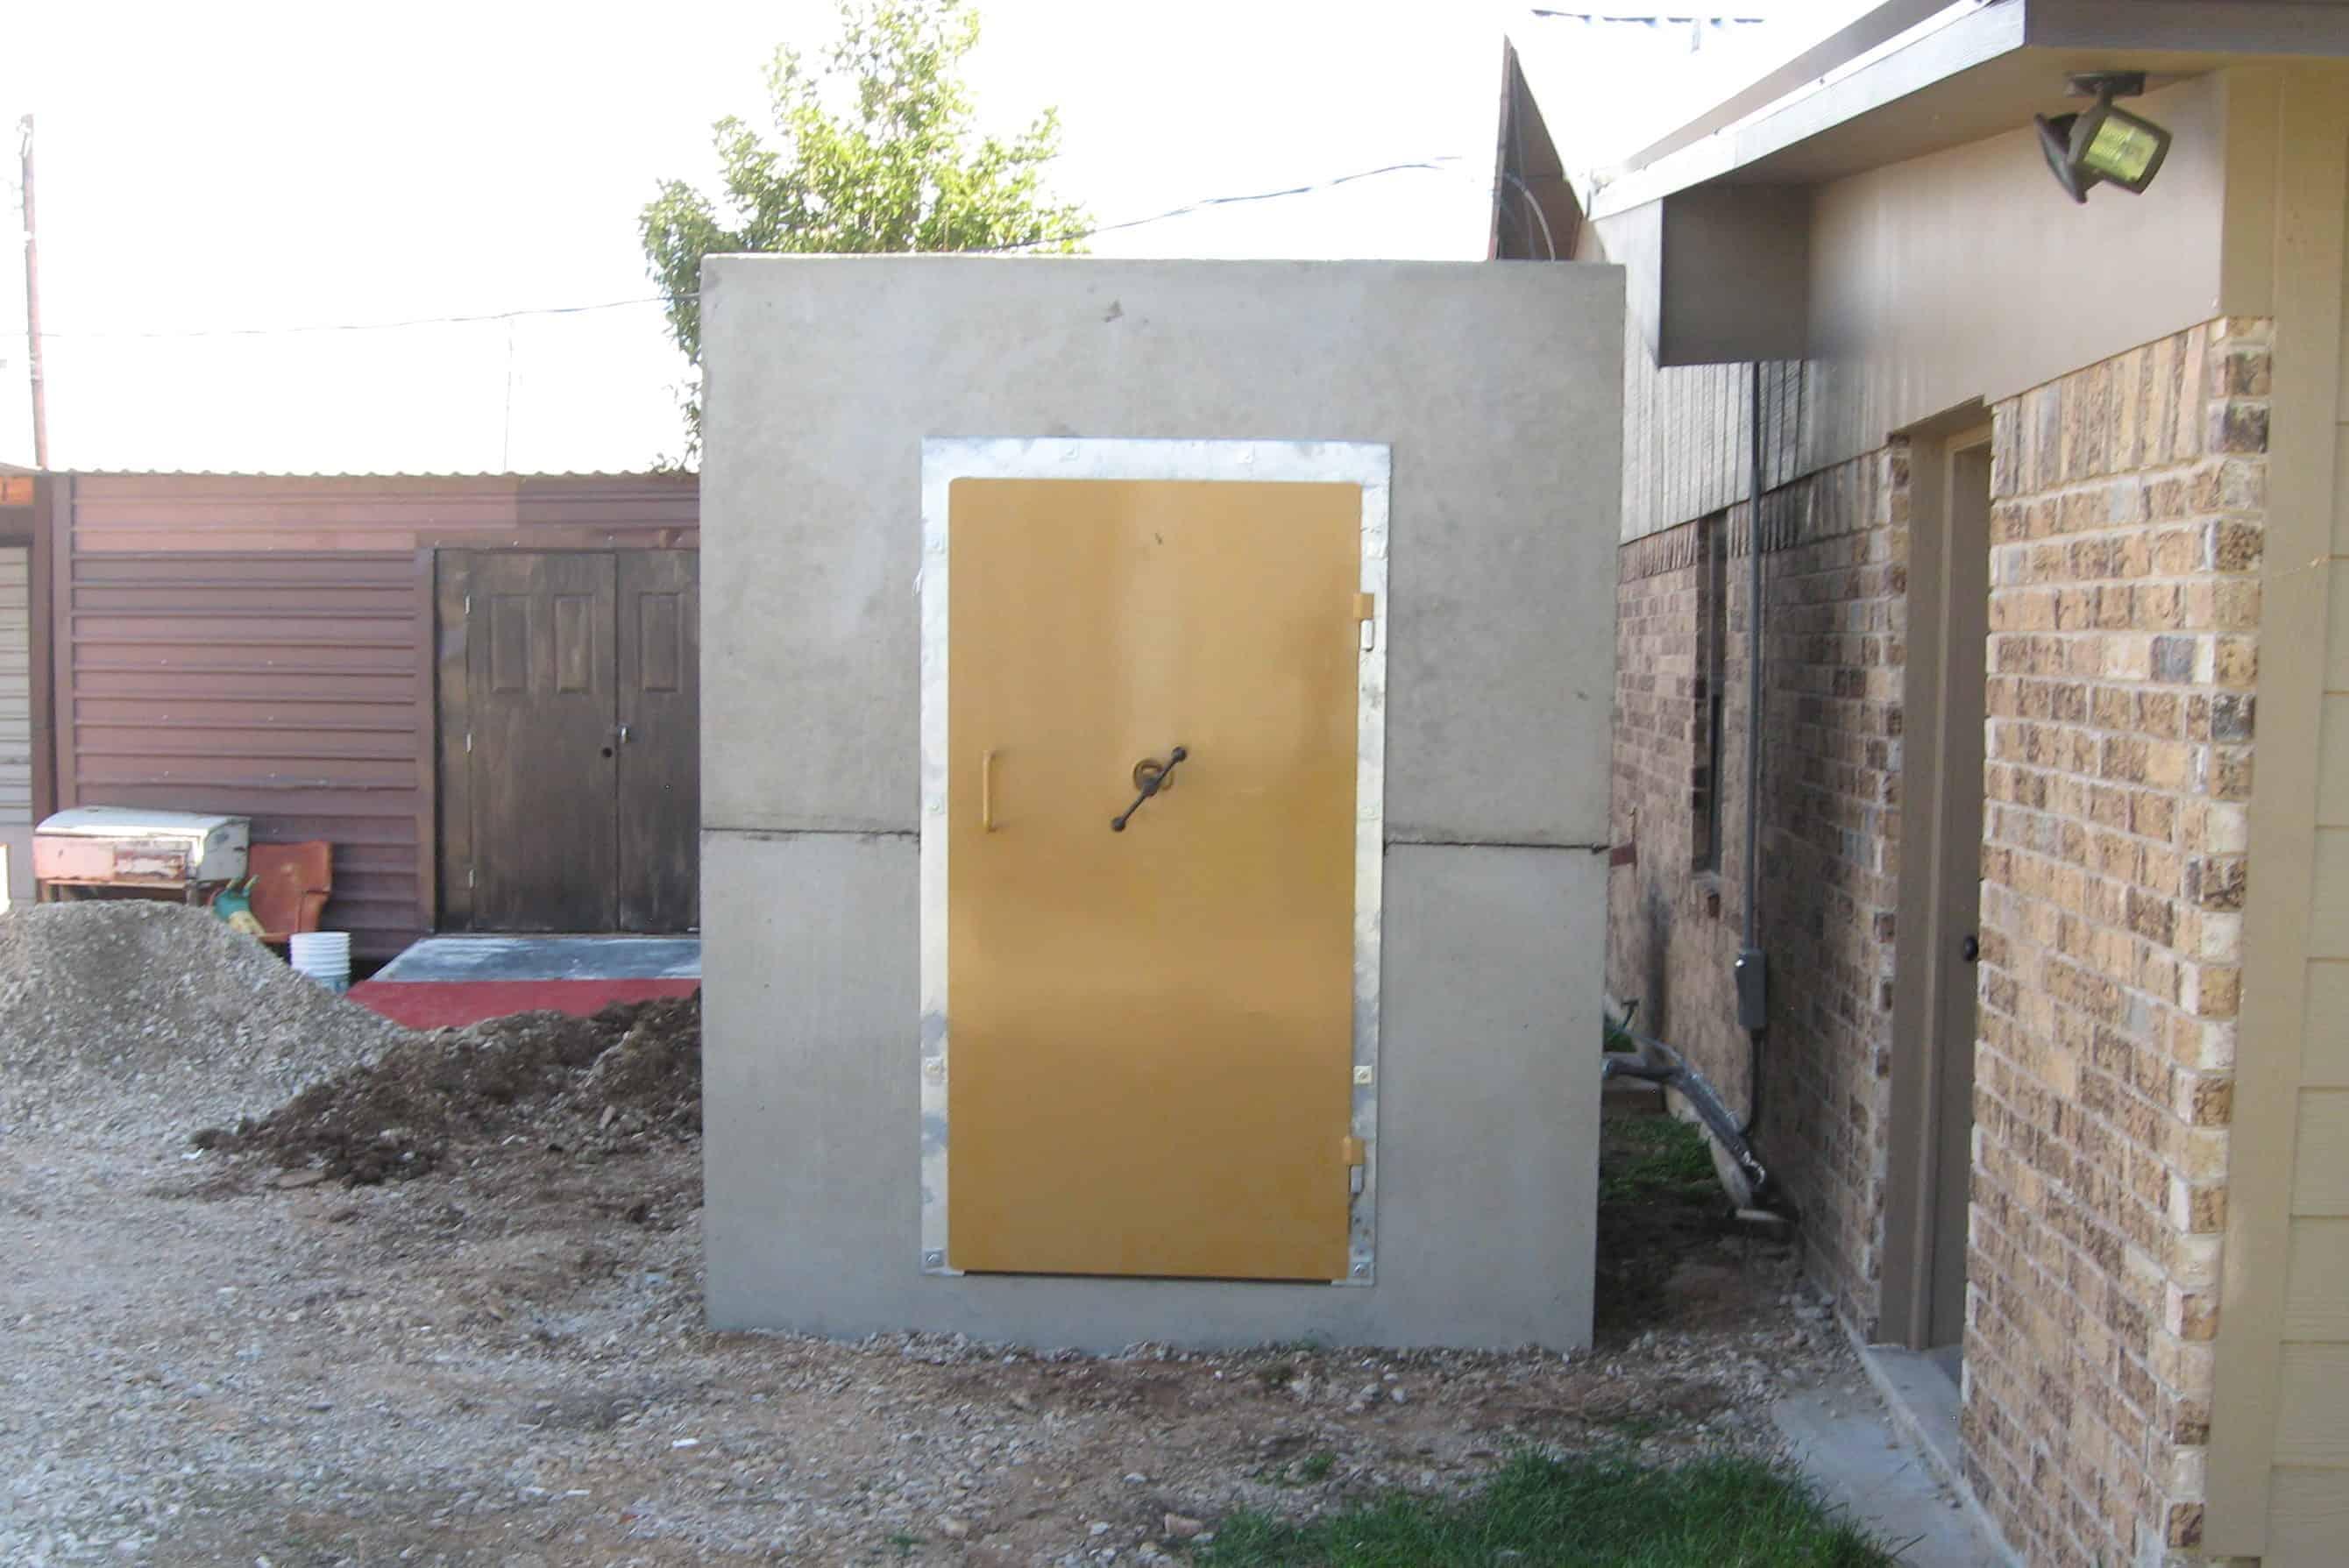 Precast Concrete Storm Shelter 12 Person NSSA